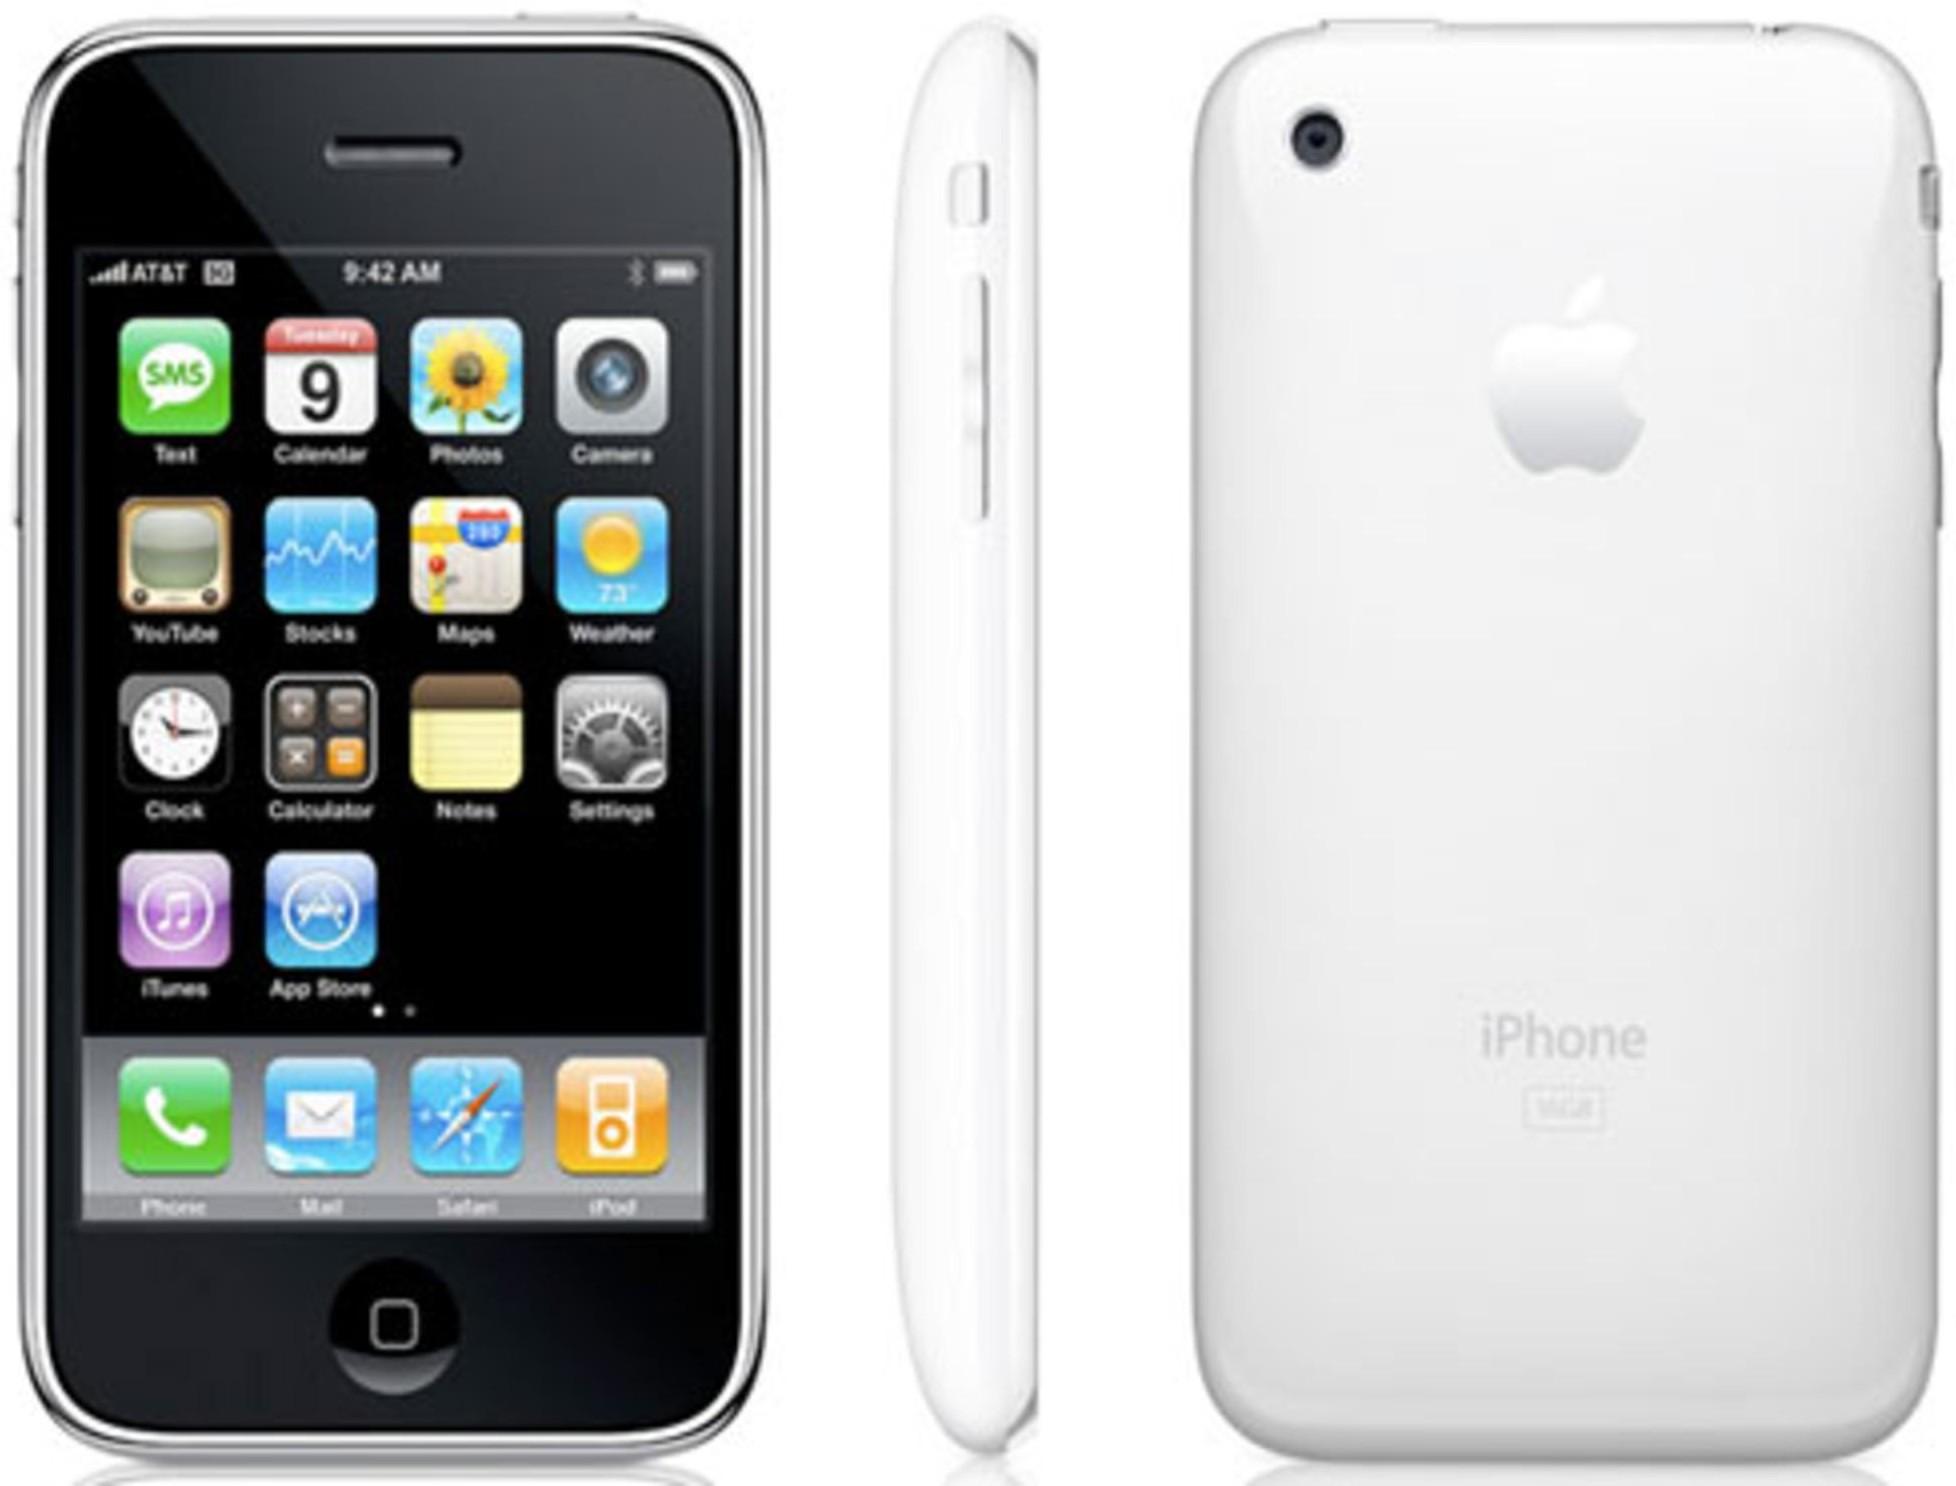 iPhone 3GS nová kamera, nový iOS, samá zlepšení